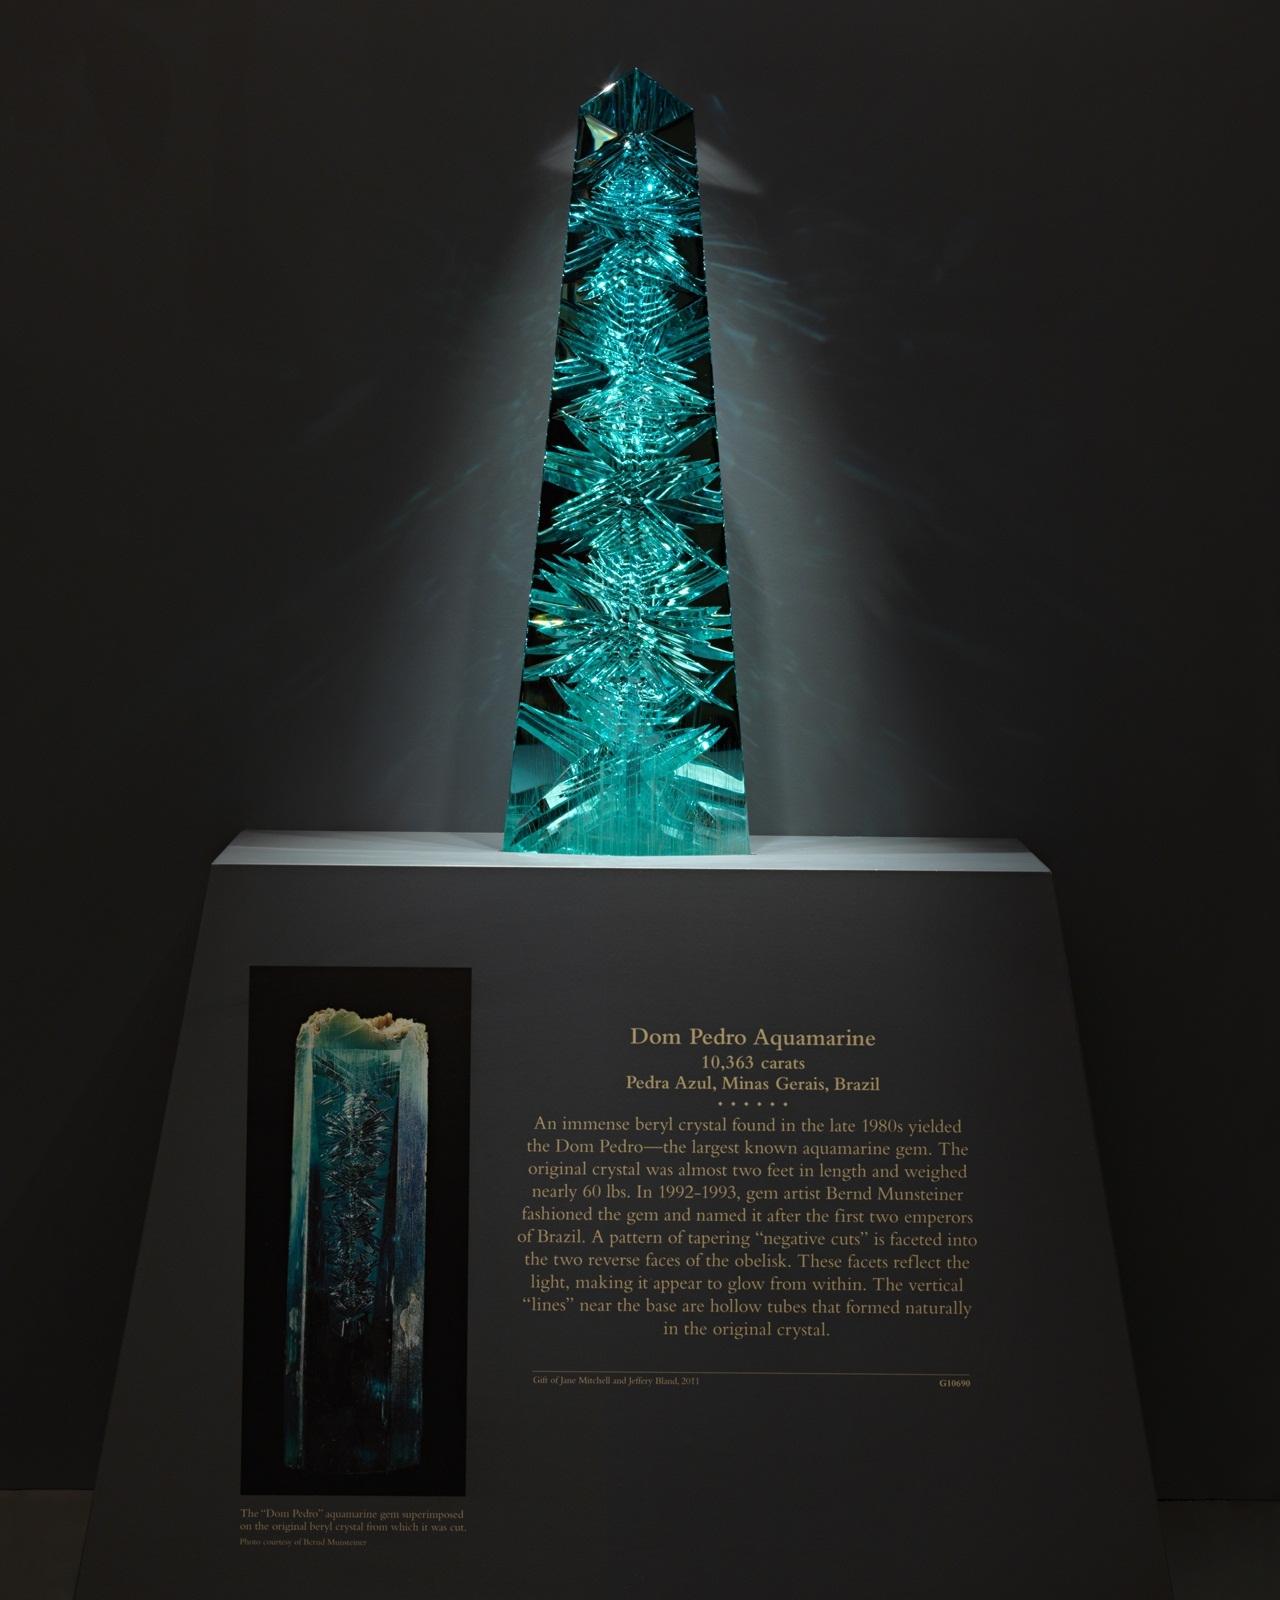 Дон Педро - один из самых знаменитых драгоценных камней в мире